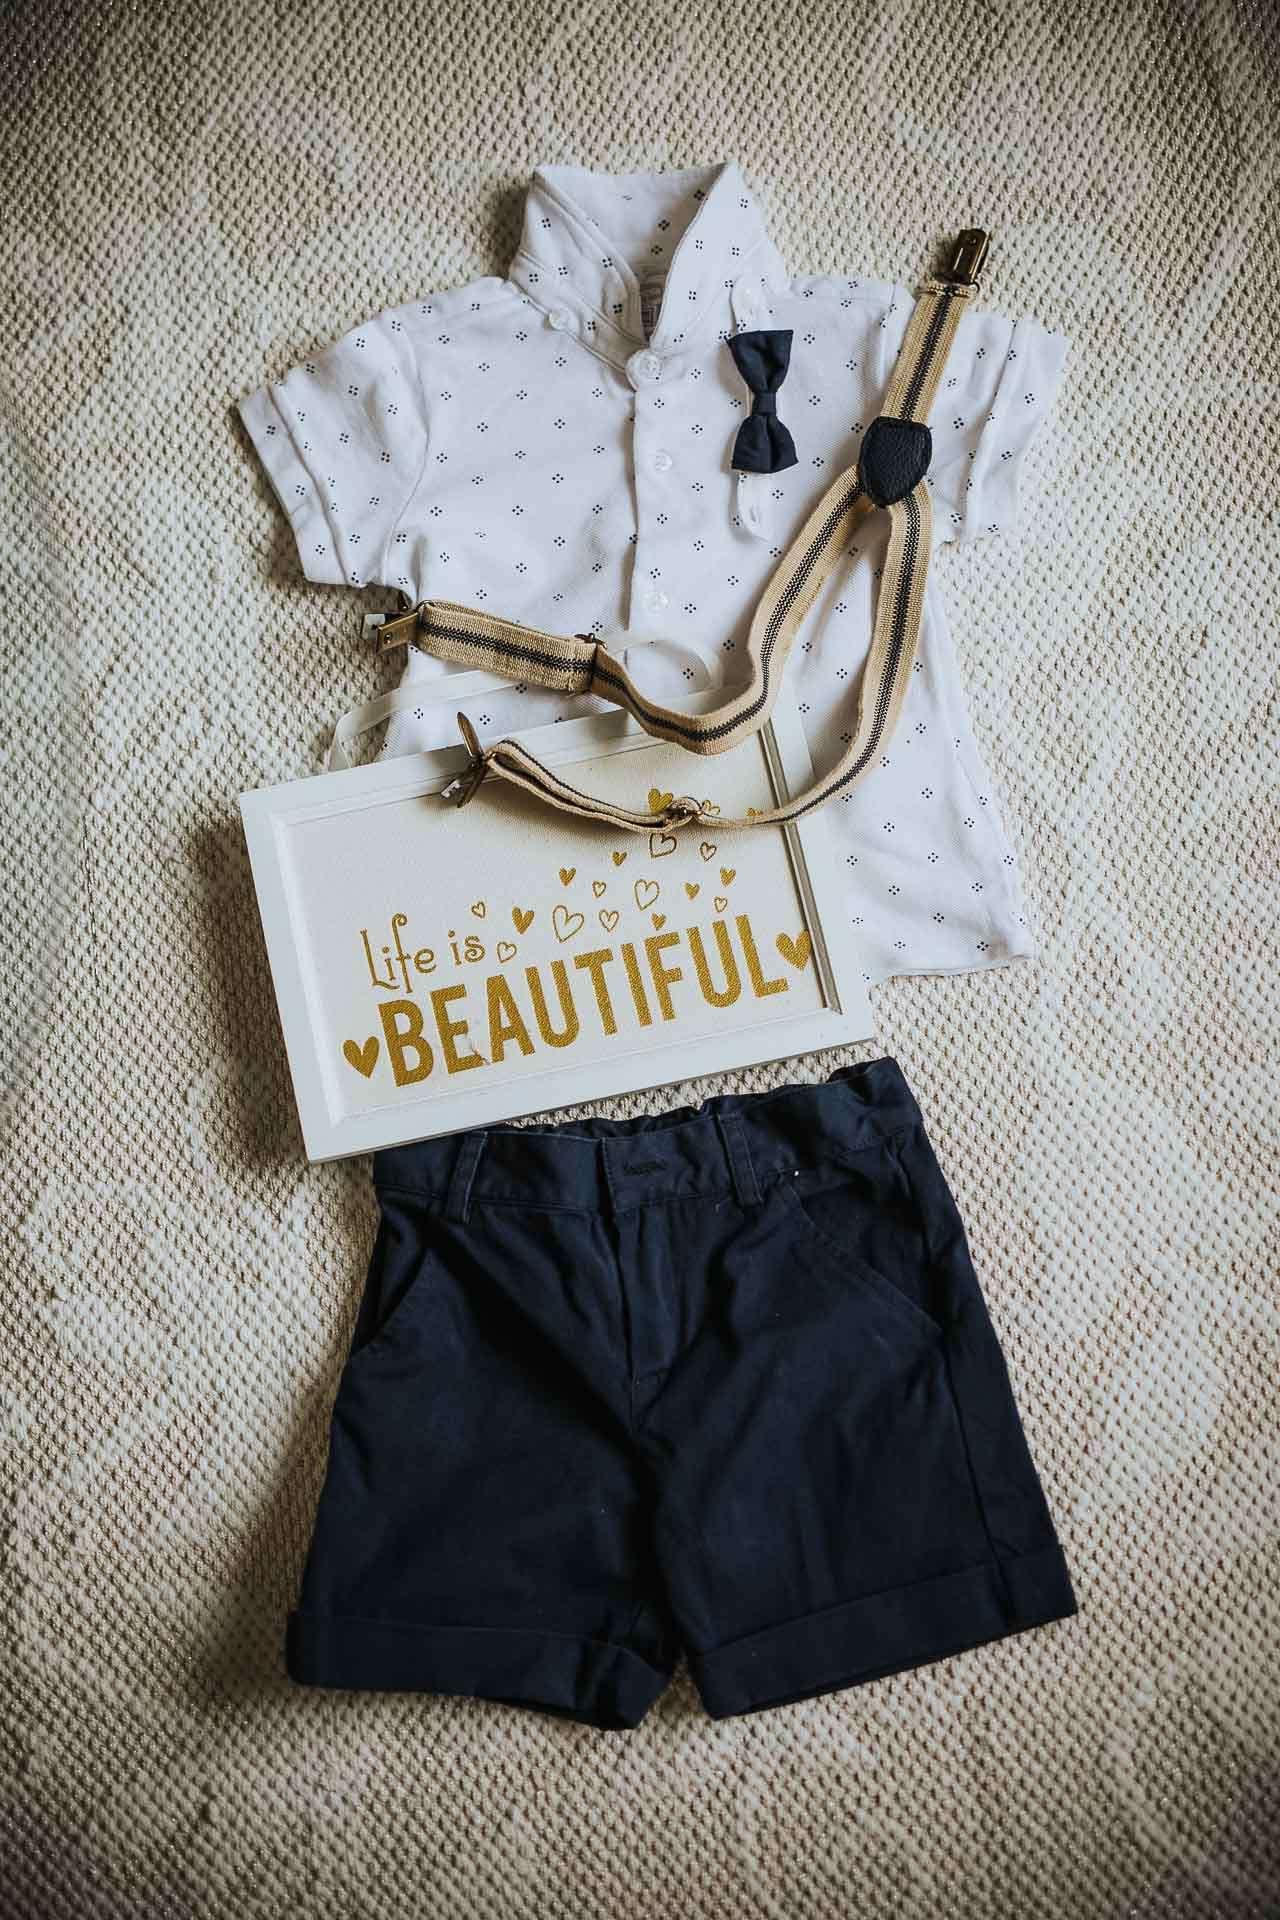 Hemd, Fliege, Hosenträger und kurze Hose liegen für einen Jungen bereit.